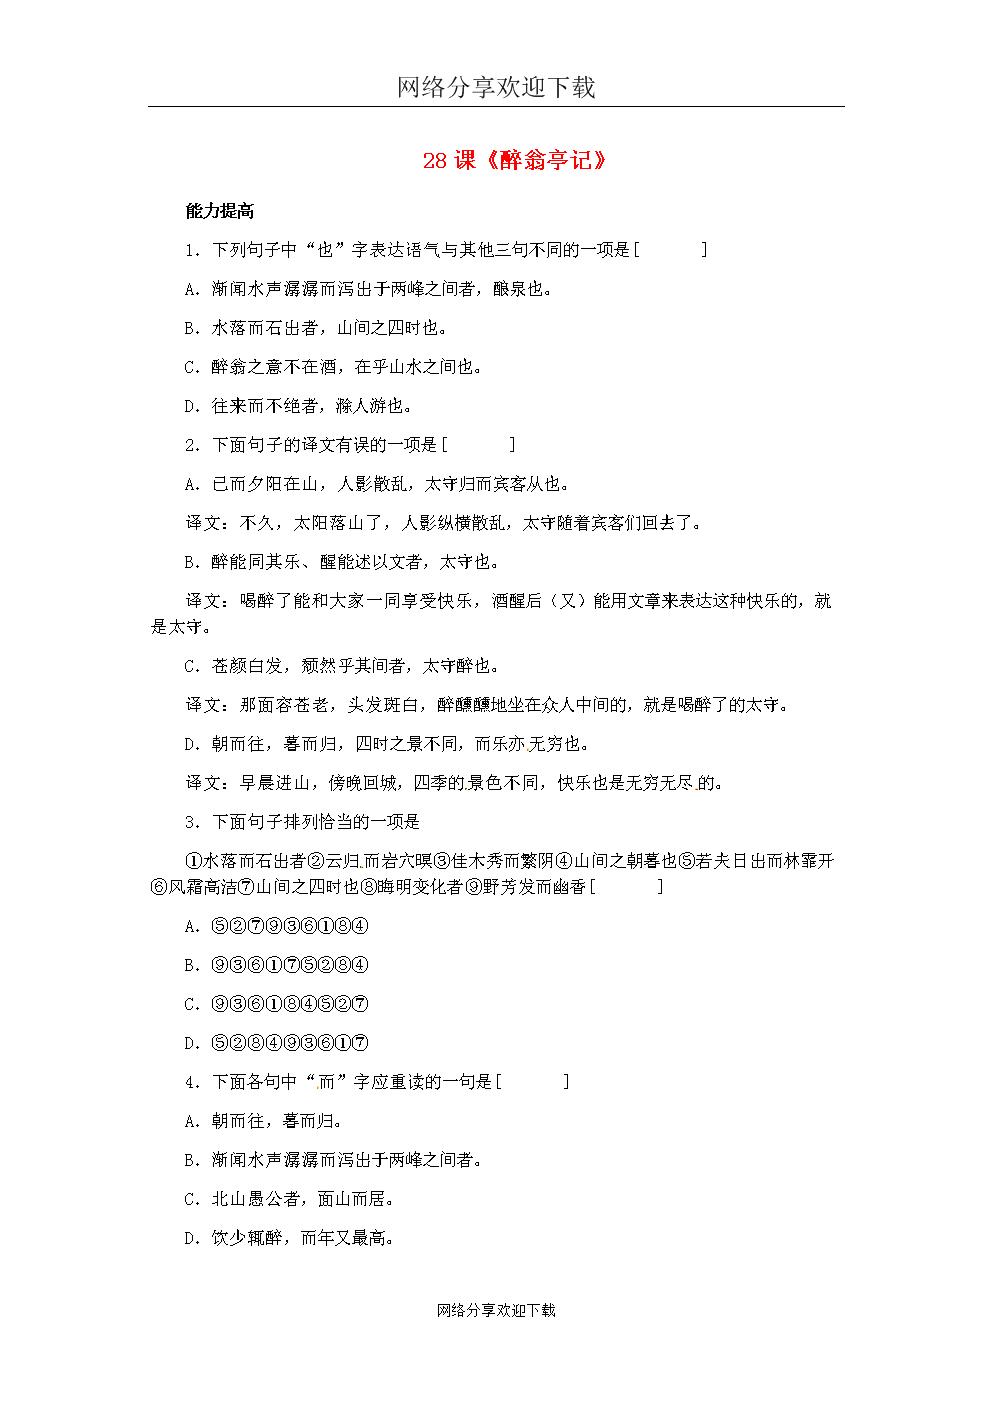 上海五四制语文九年级上册《27醉翁亭记》教案 (2).doc